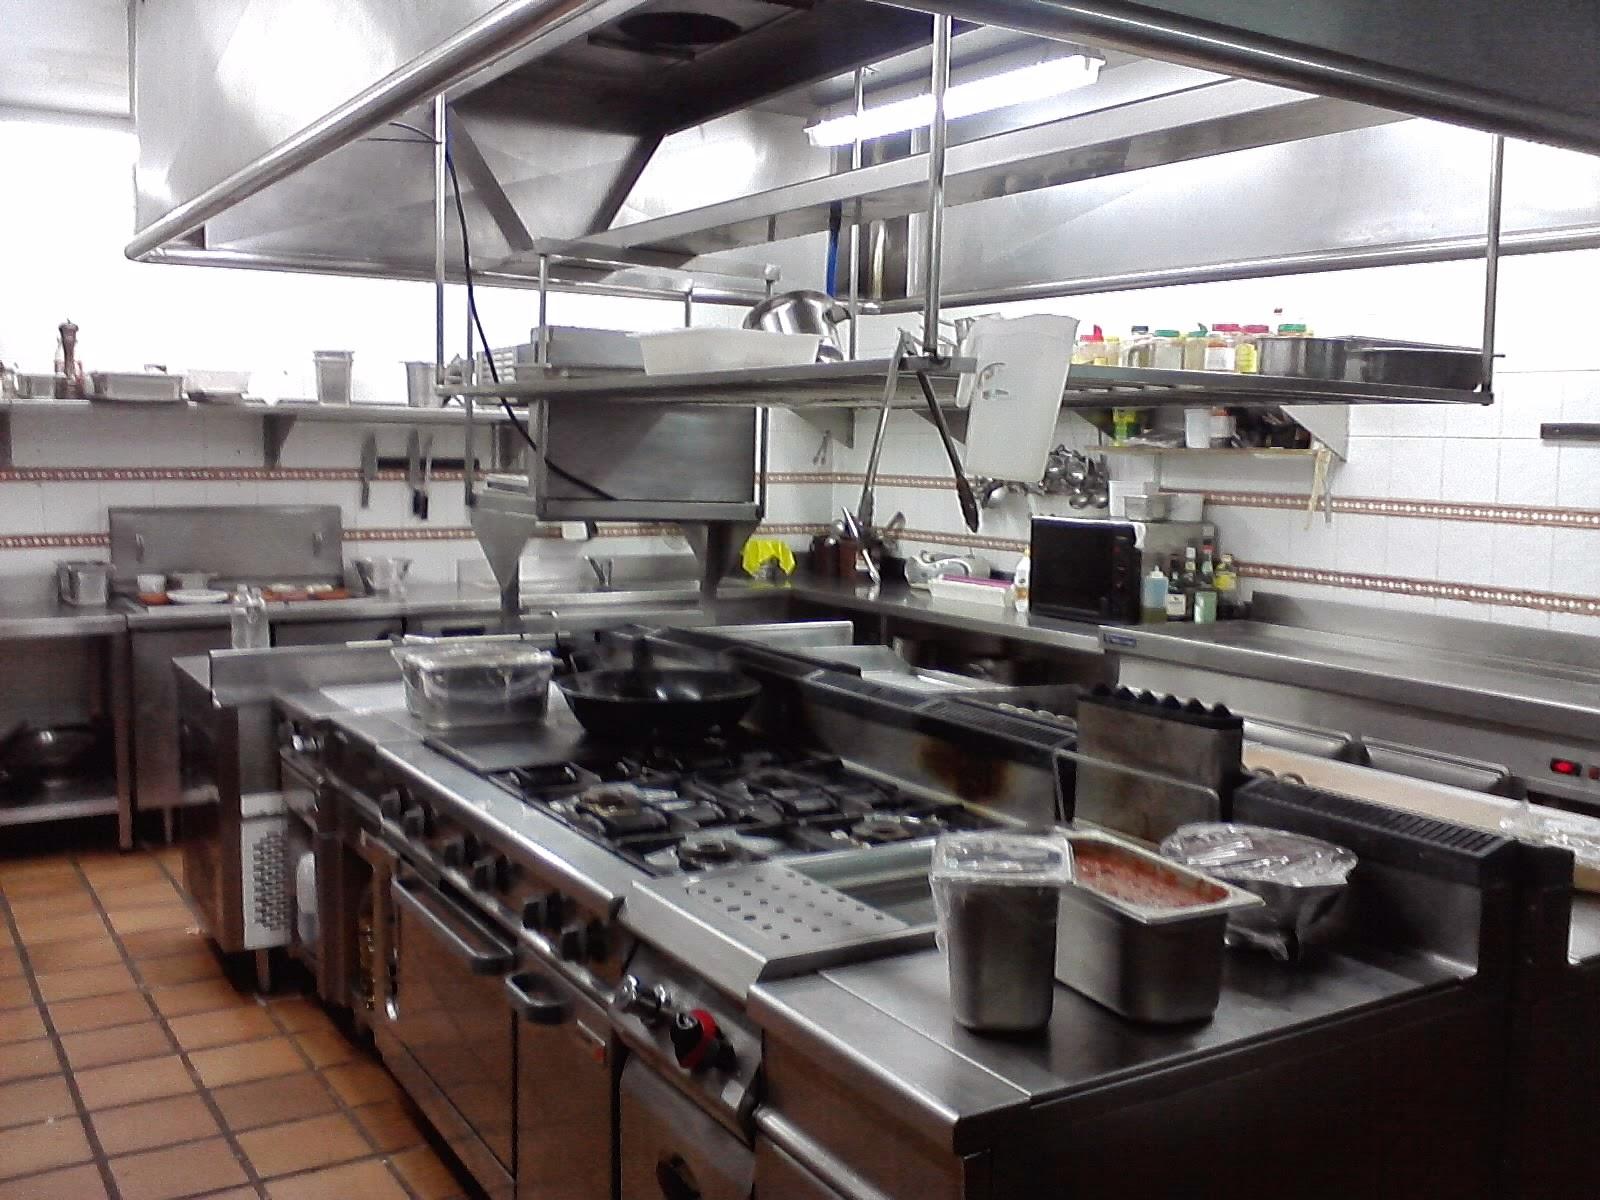 Limpieza de campanas extractoras y cocinas industriales for Medidas de cocina industrial